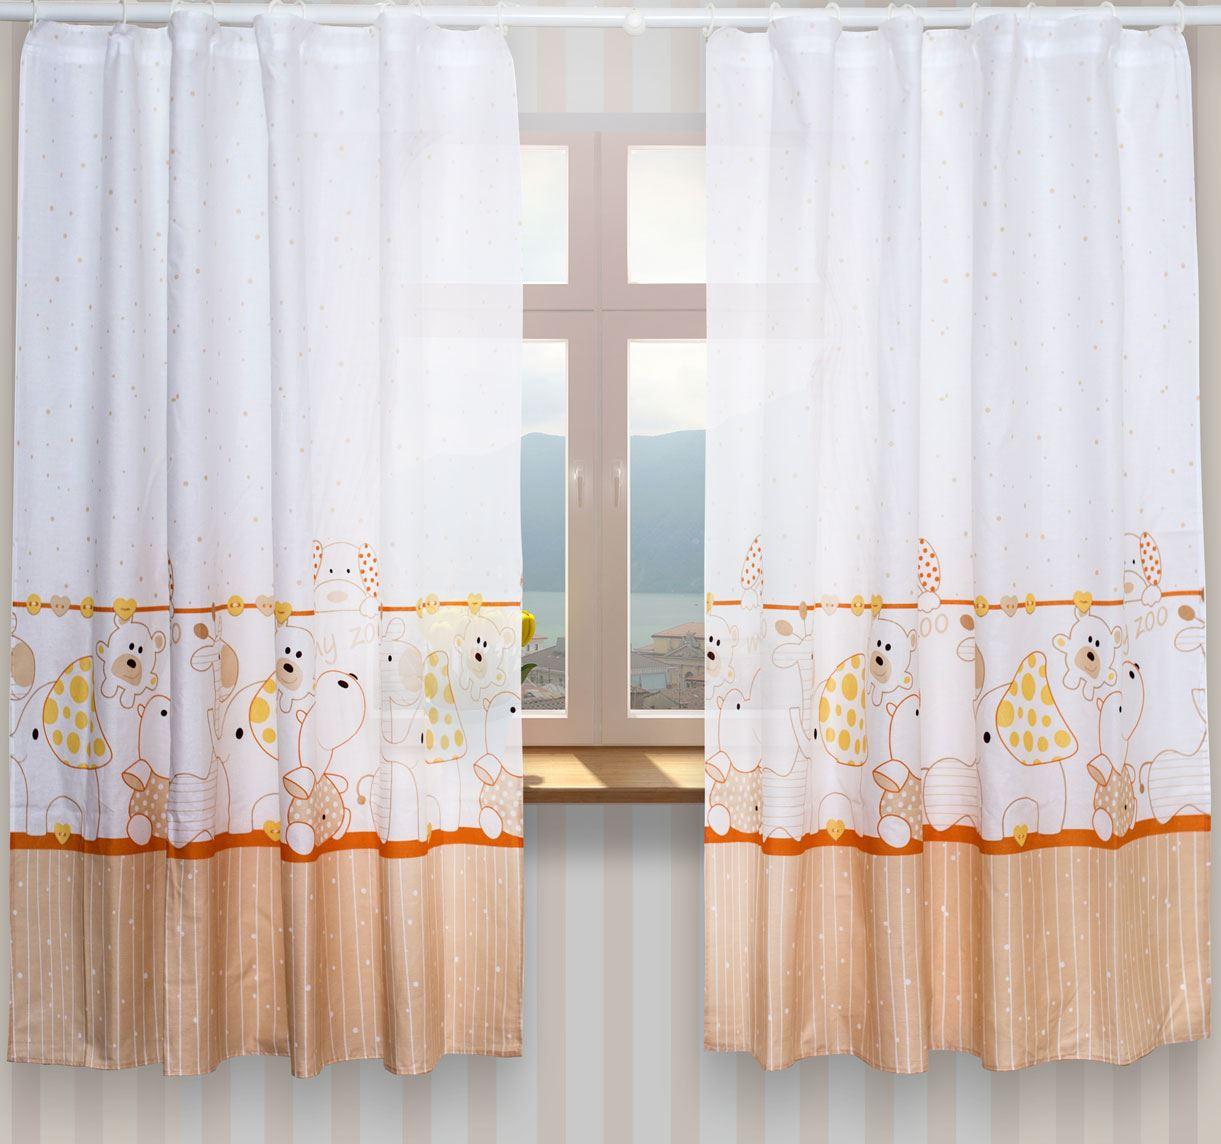 De luxe b b chambre fen tre rideaux en assorti motif pour ebay - Rideaux pour chambre de bebe ...